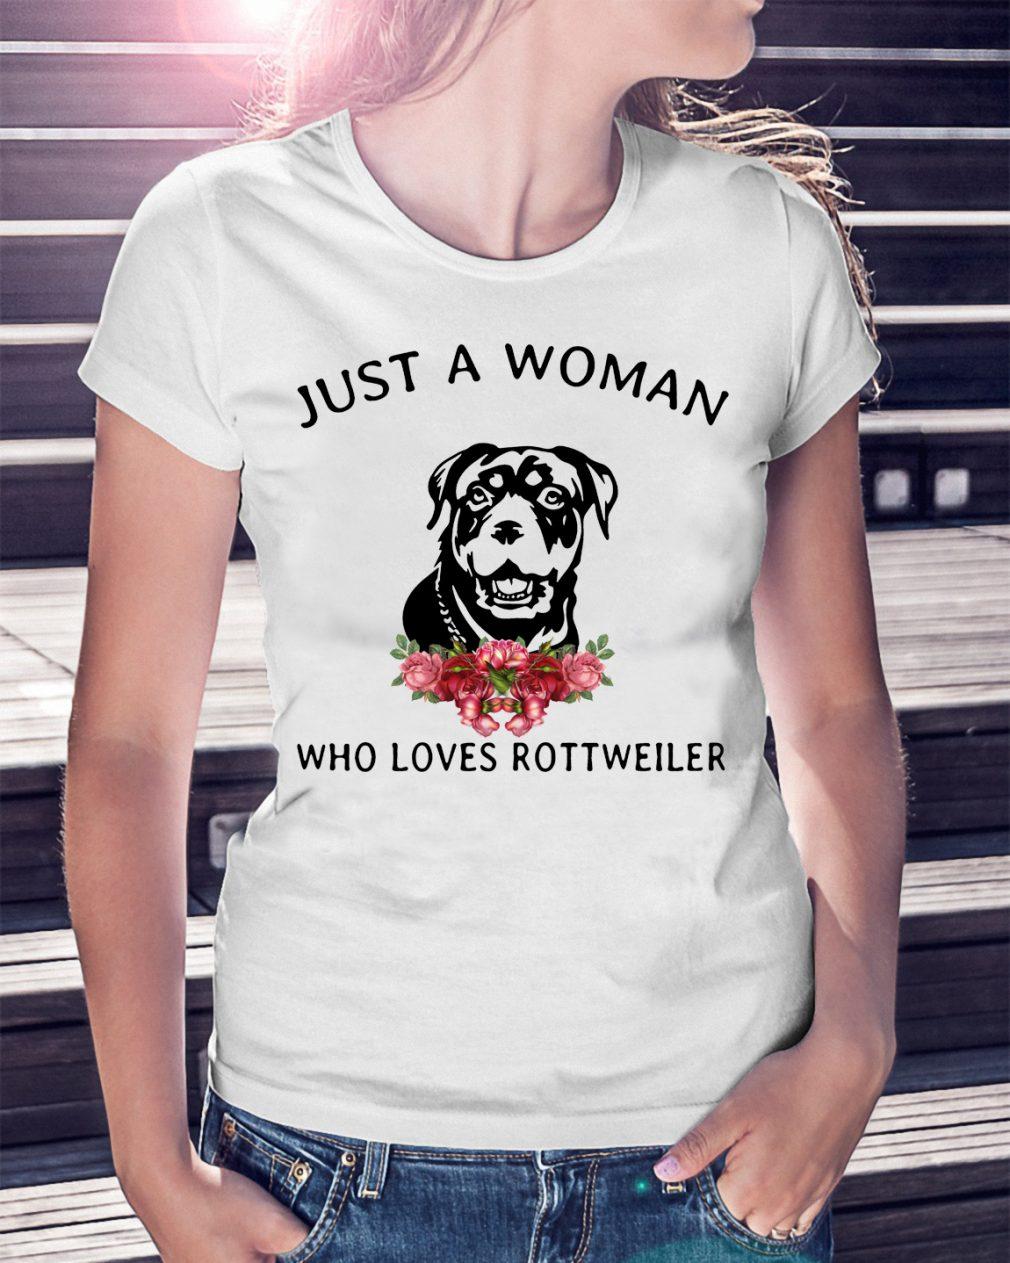 Just Woman Loves Rottweiler Shirt